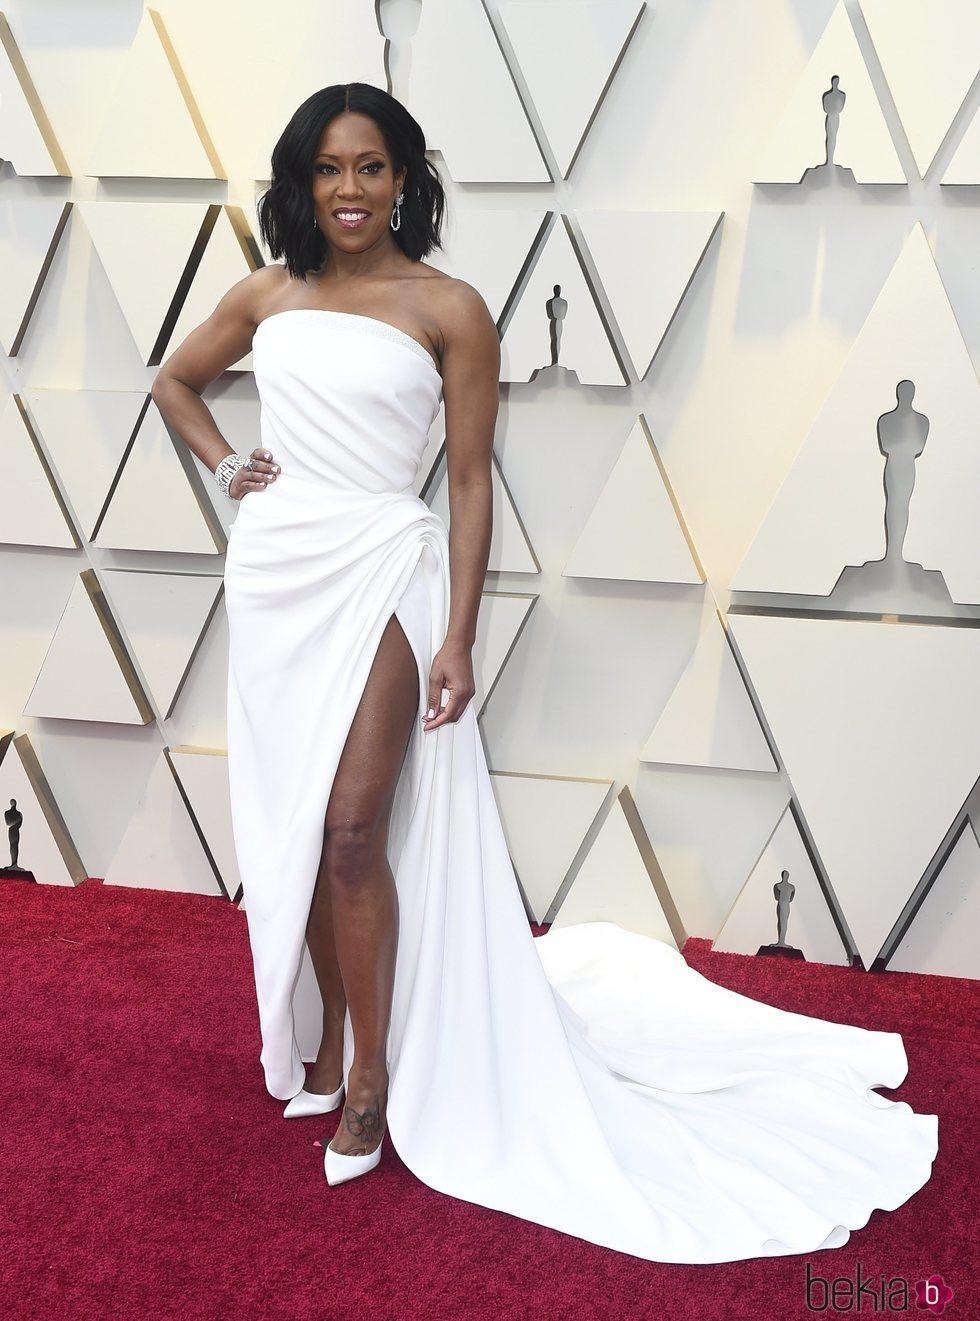 140245 regina king vestido blanco oscar renta premios oscar 2019 - Nuestros favoritos y no tan favoritos de la red carpet en los Oscar 2019